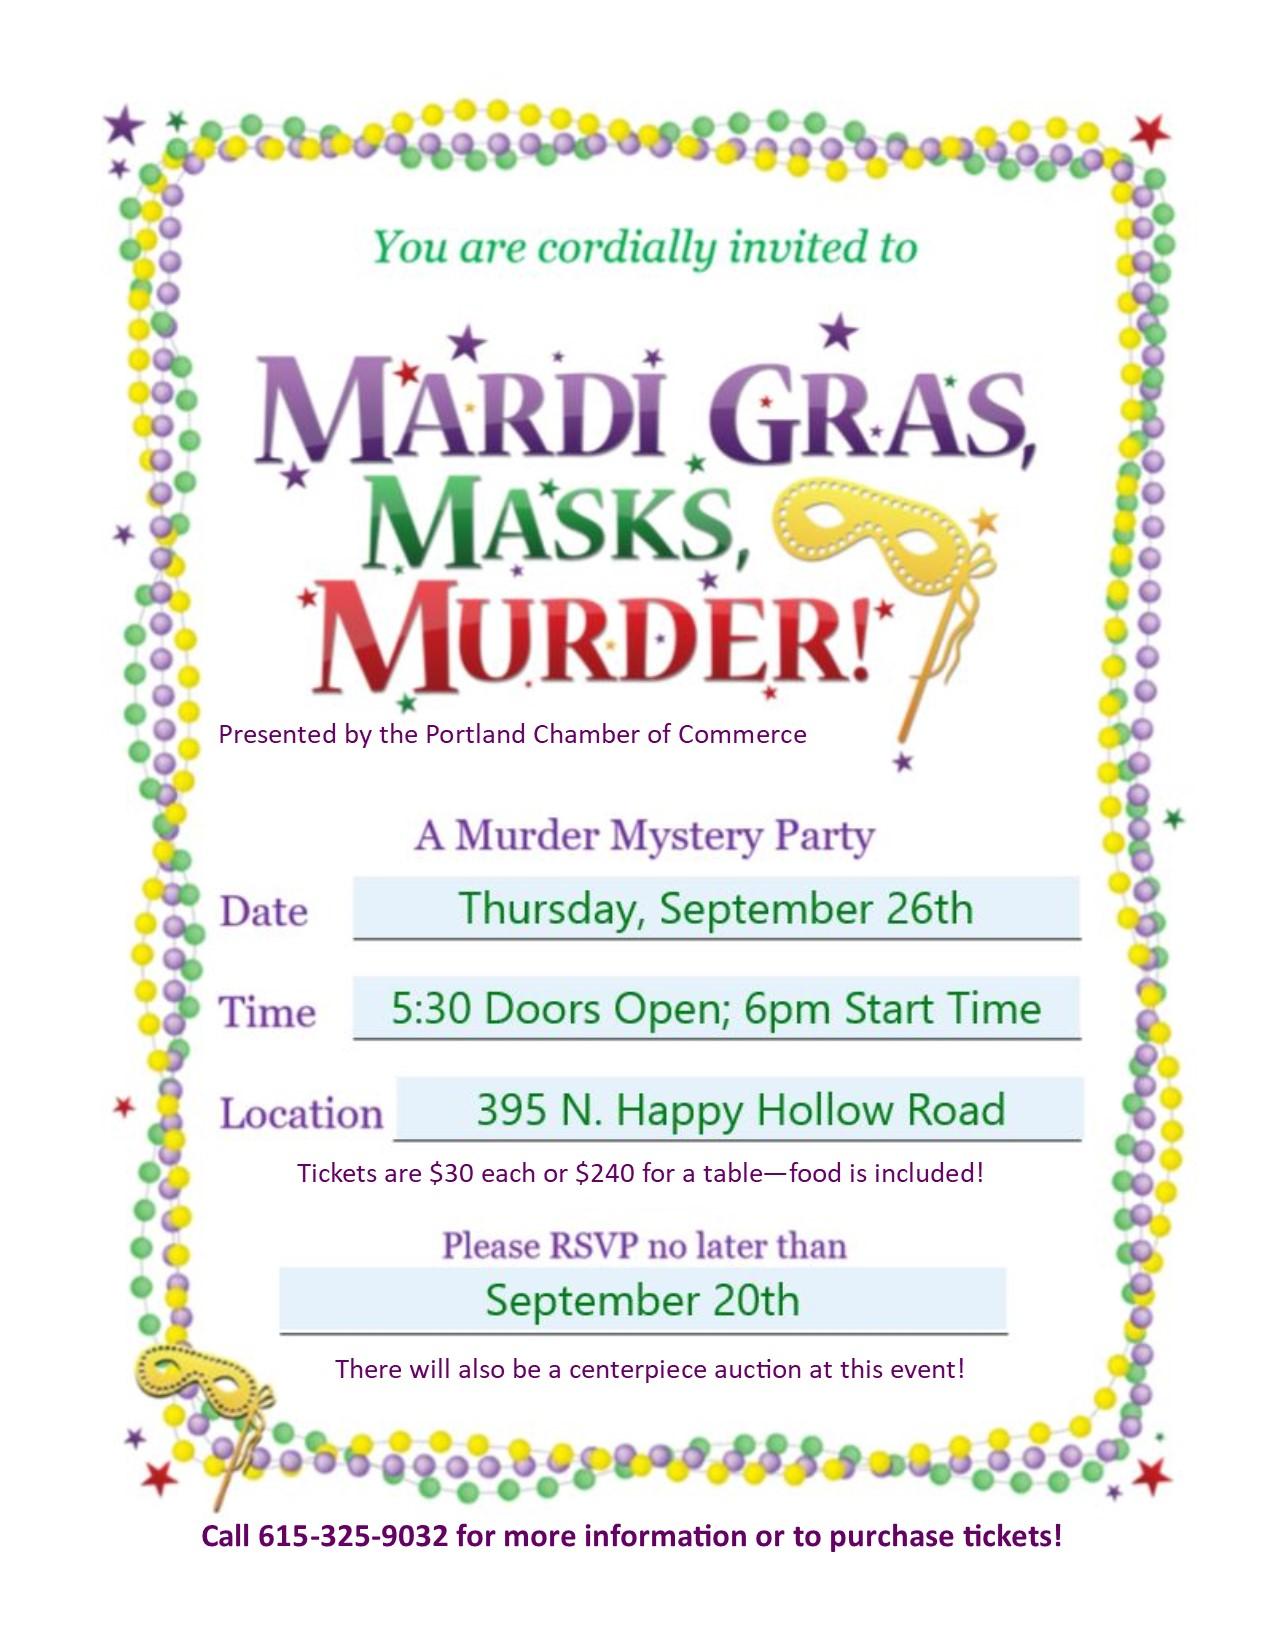 Mardi Gras, Masks & Murder